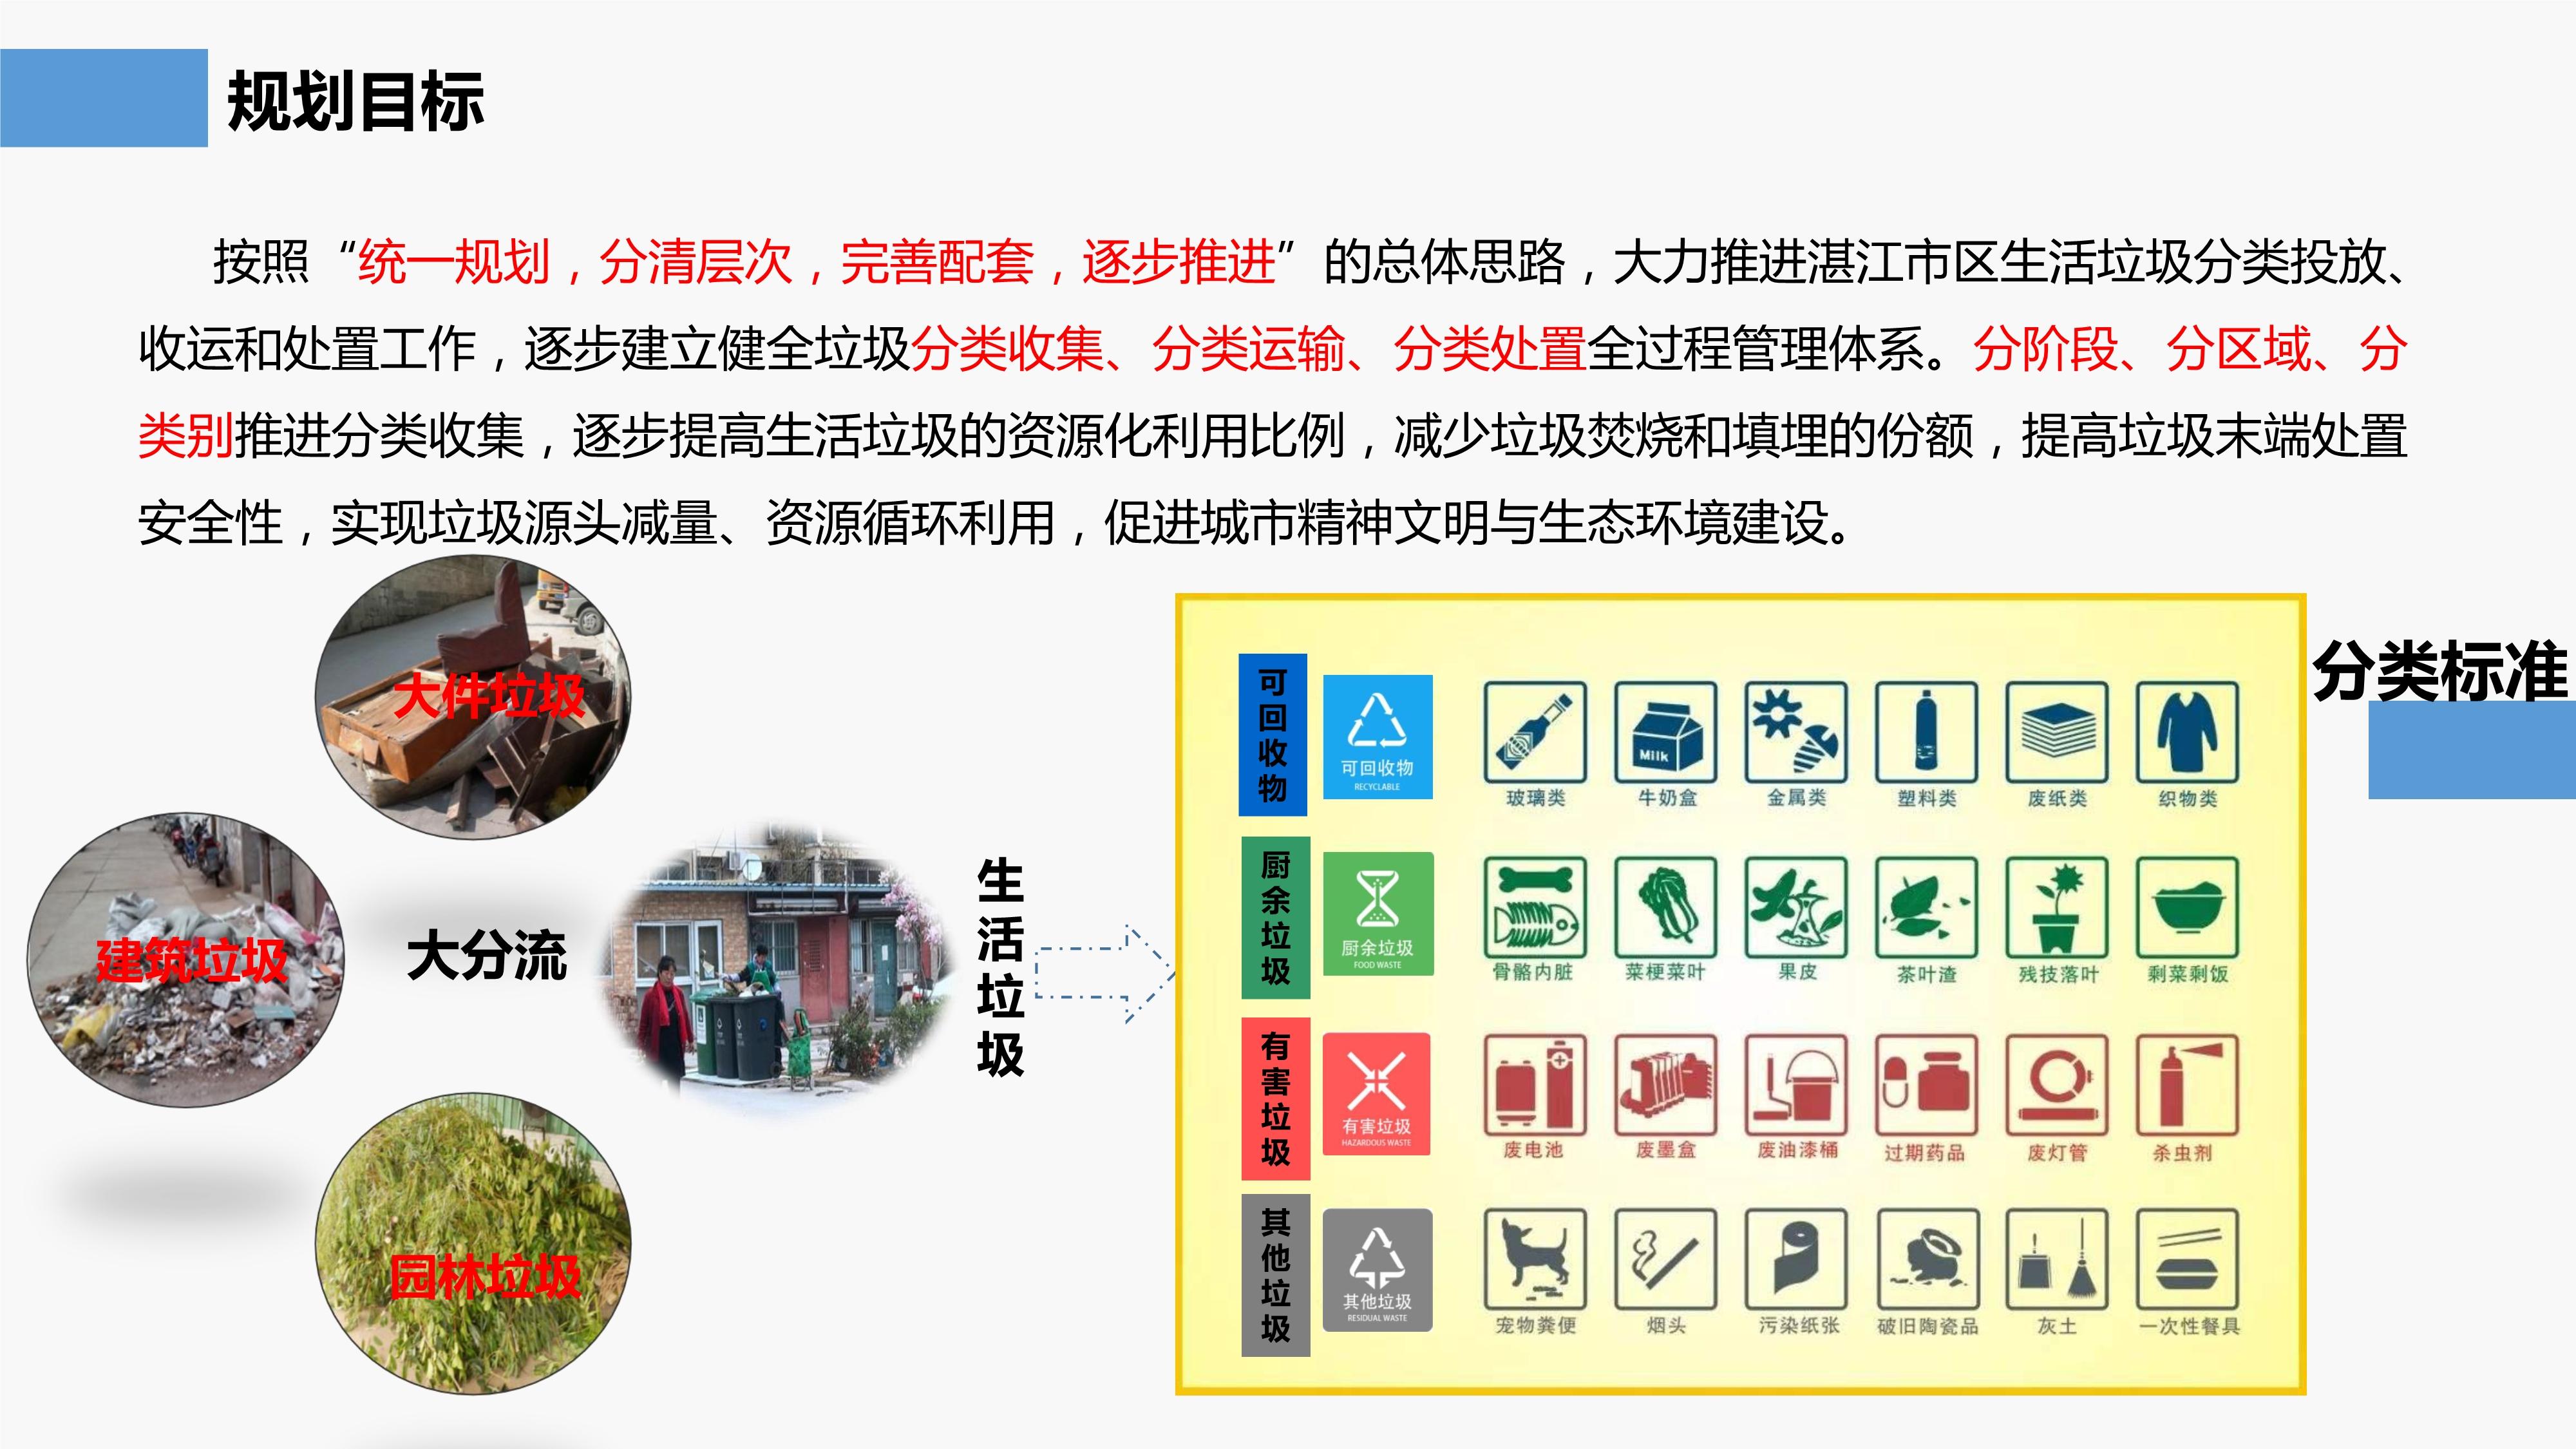 湛江市区生活垃圾分类专项规划(2020-2035年)政策解读(1)_3.jpg